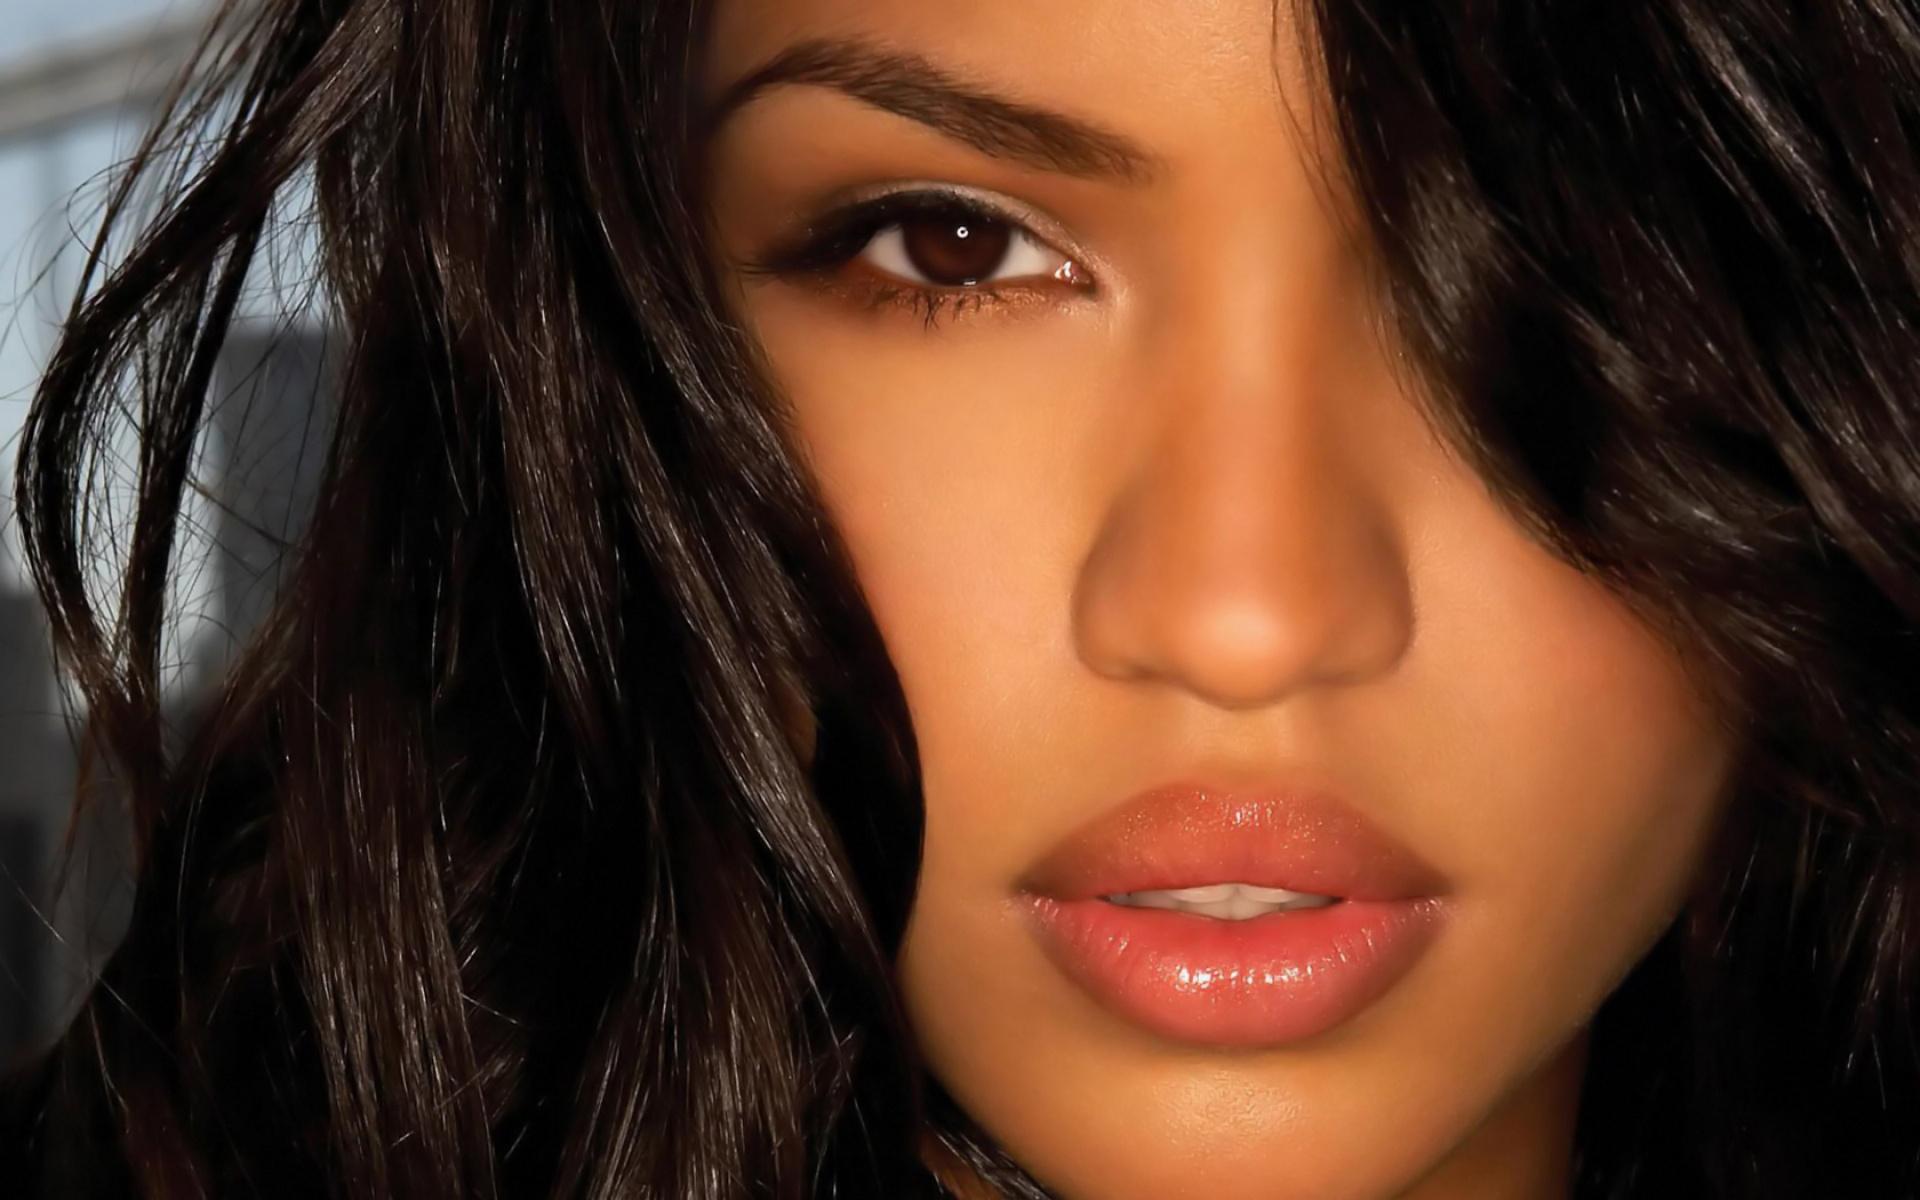 Фото красивых девушек не с пухлыми губами